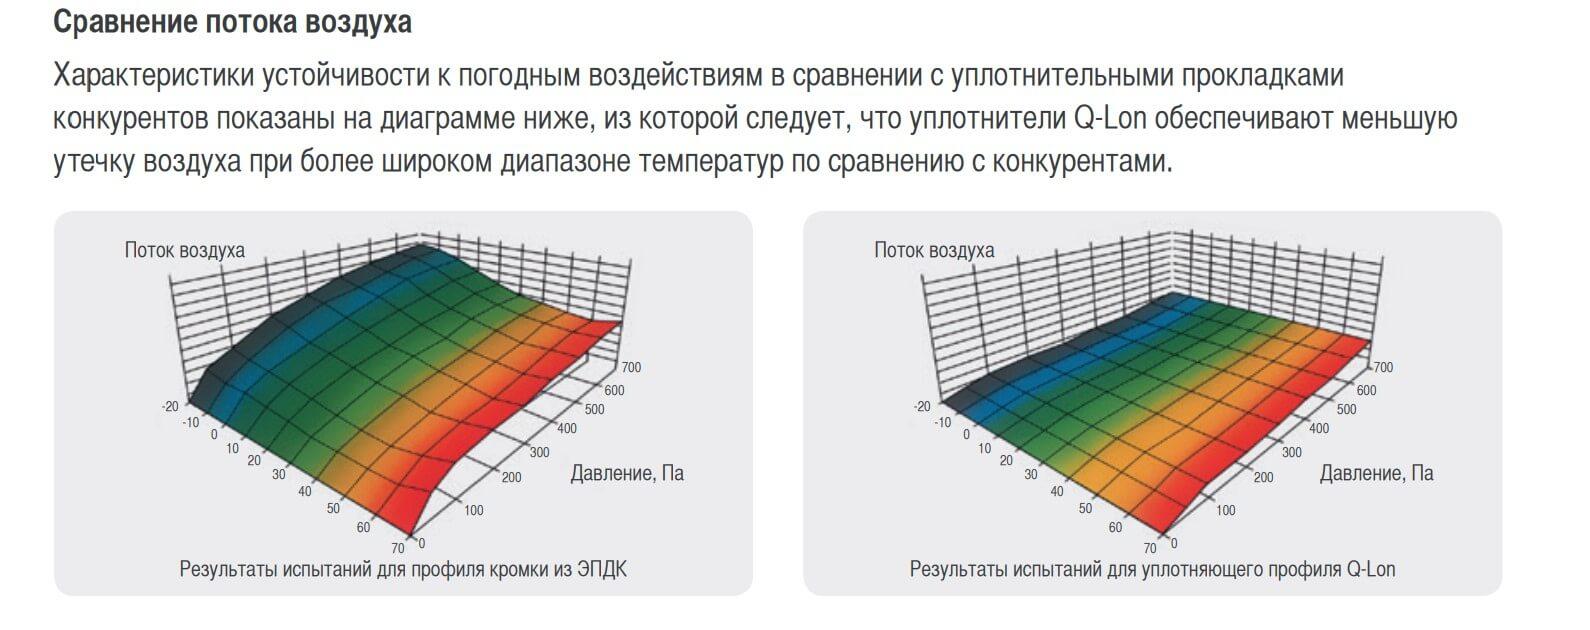 Сравнение потока воздуха